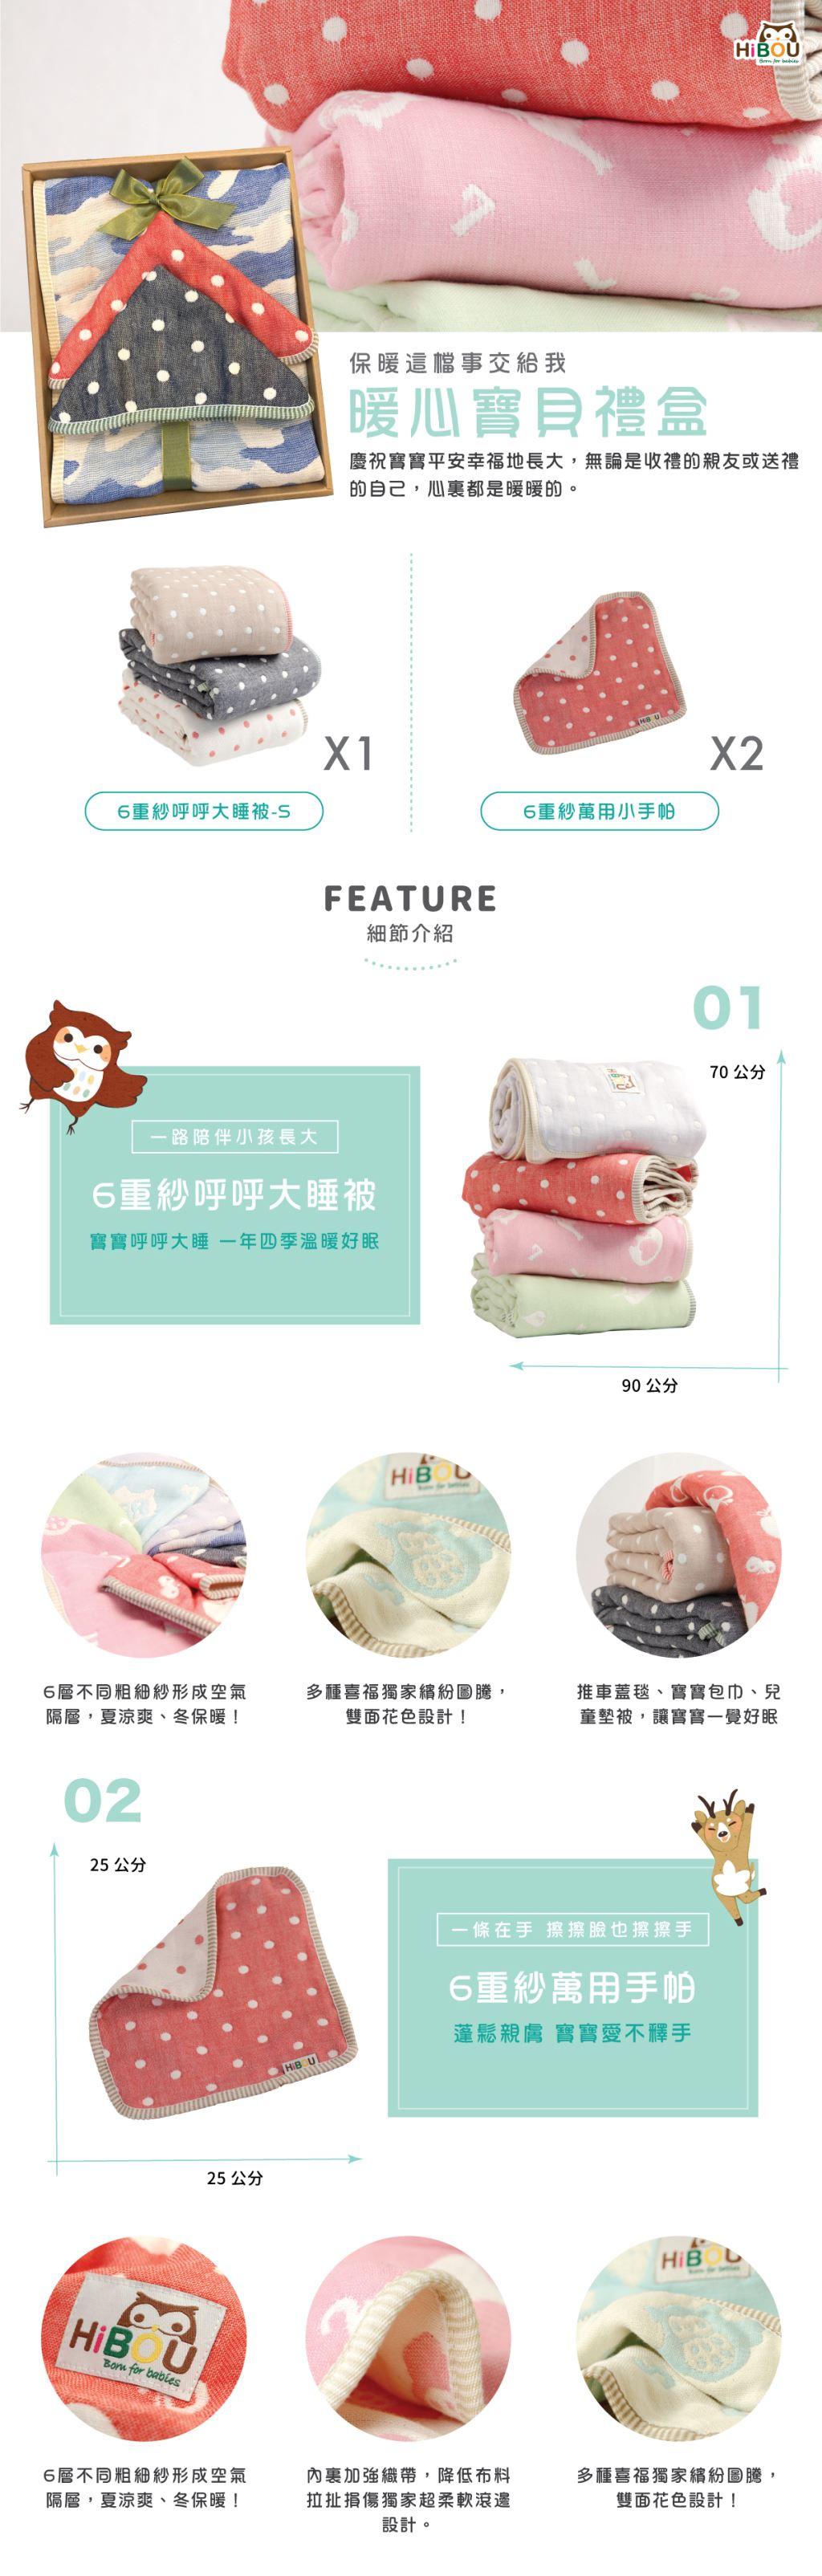 暖心寶貝禮盒∥6重紗呼呼大睡被+萬用小手帕